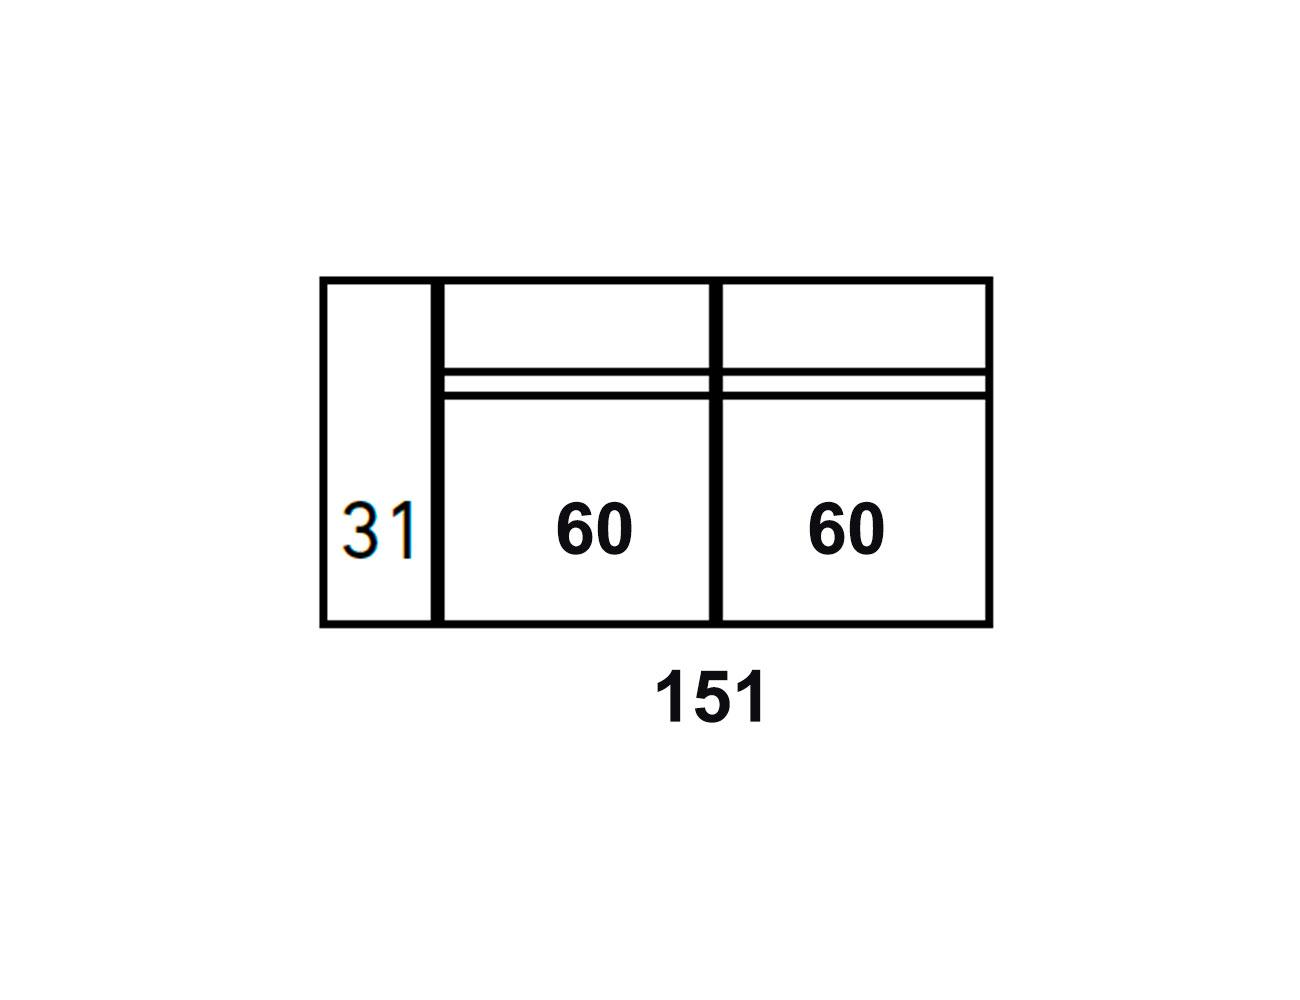 Modulo 2p 151